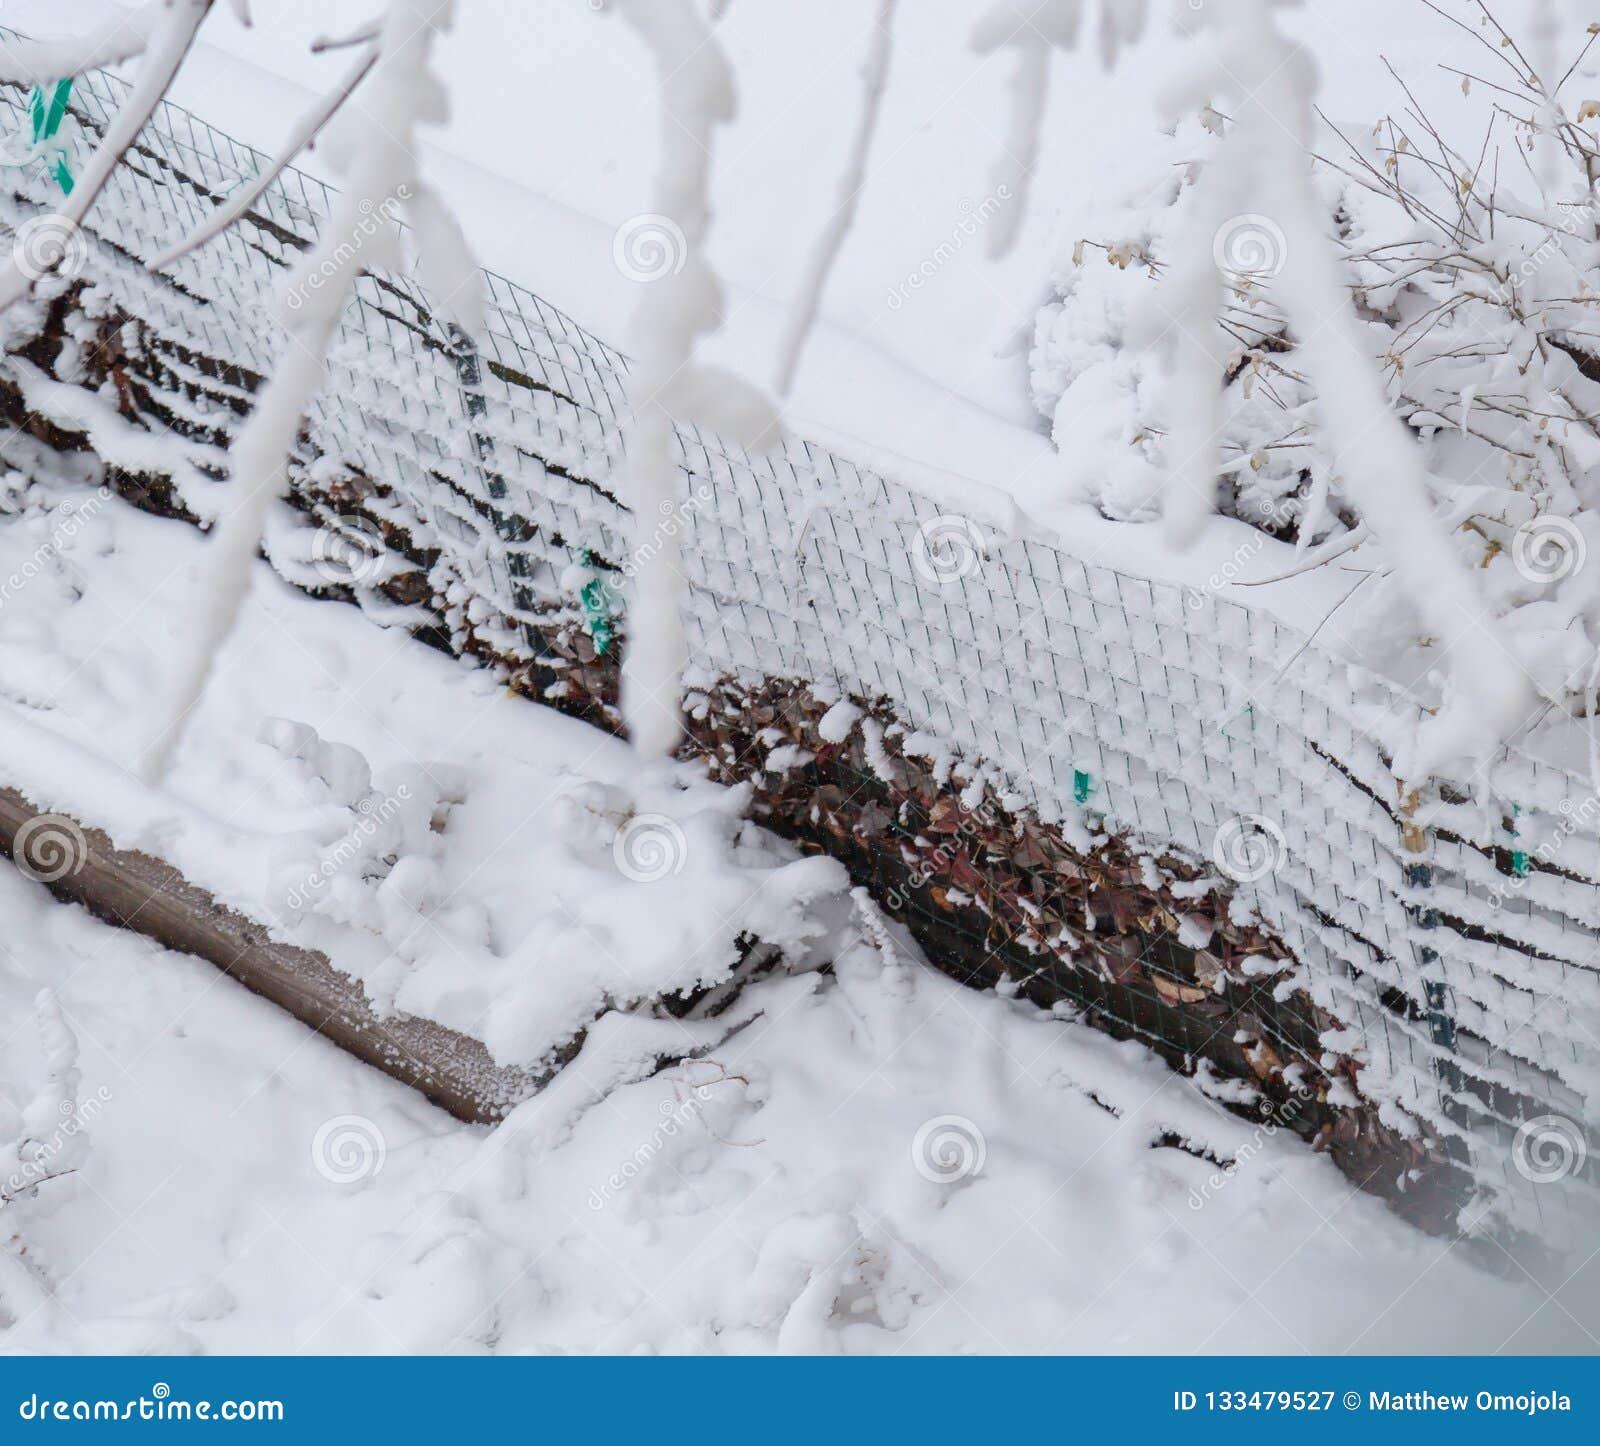 Zamyka w górę świeżego śnieżnego narzutu i ablegrować na ogrodowym drucianym ogrodzeniu